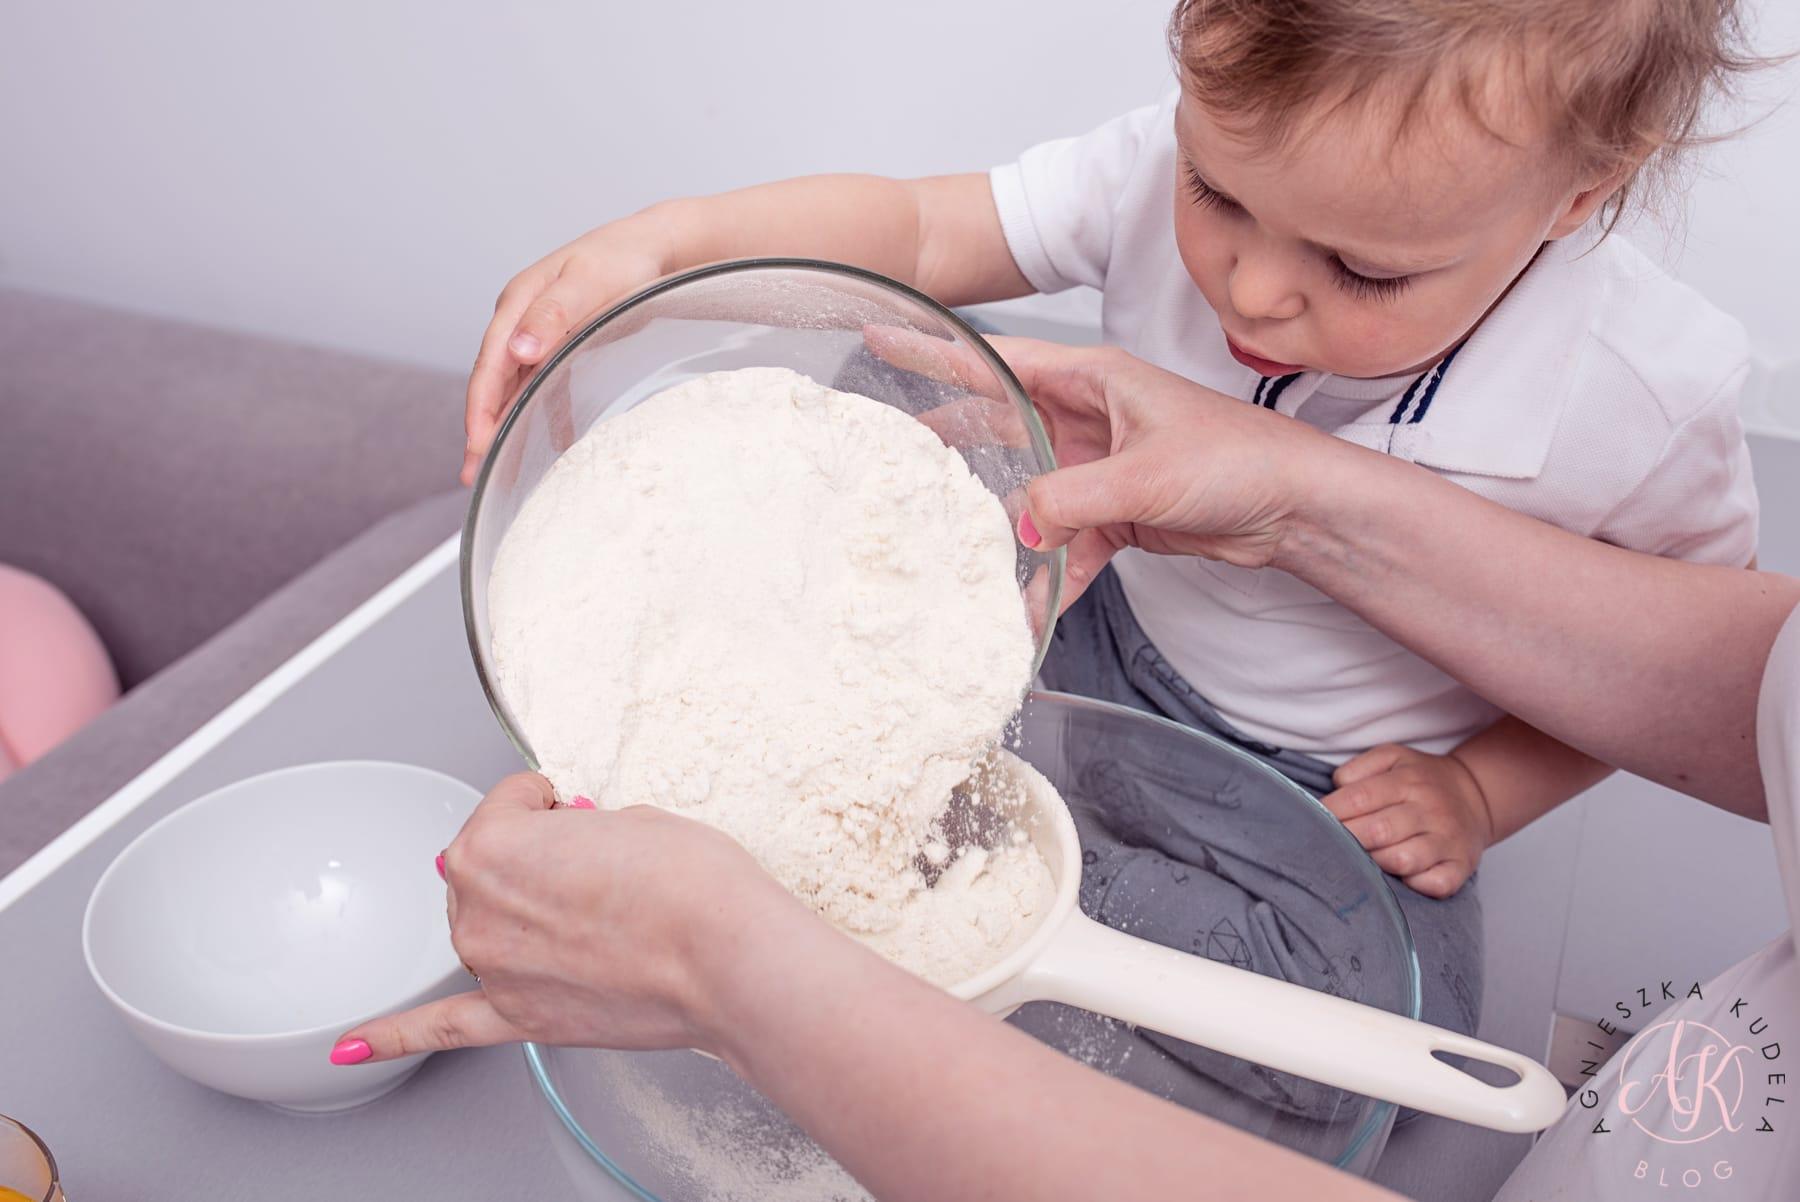 ciastka bez białka mleka krowiego